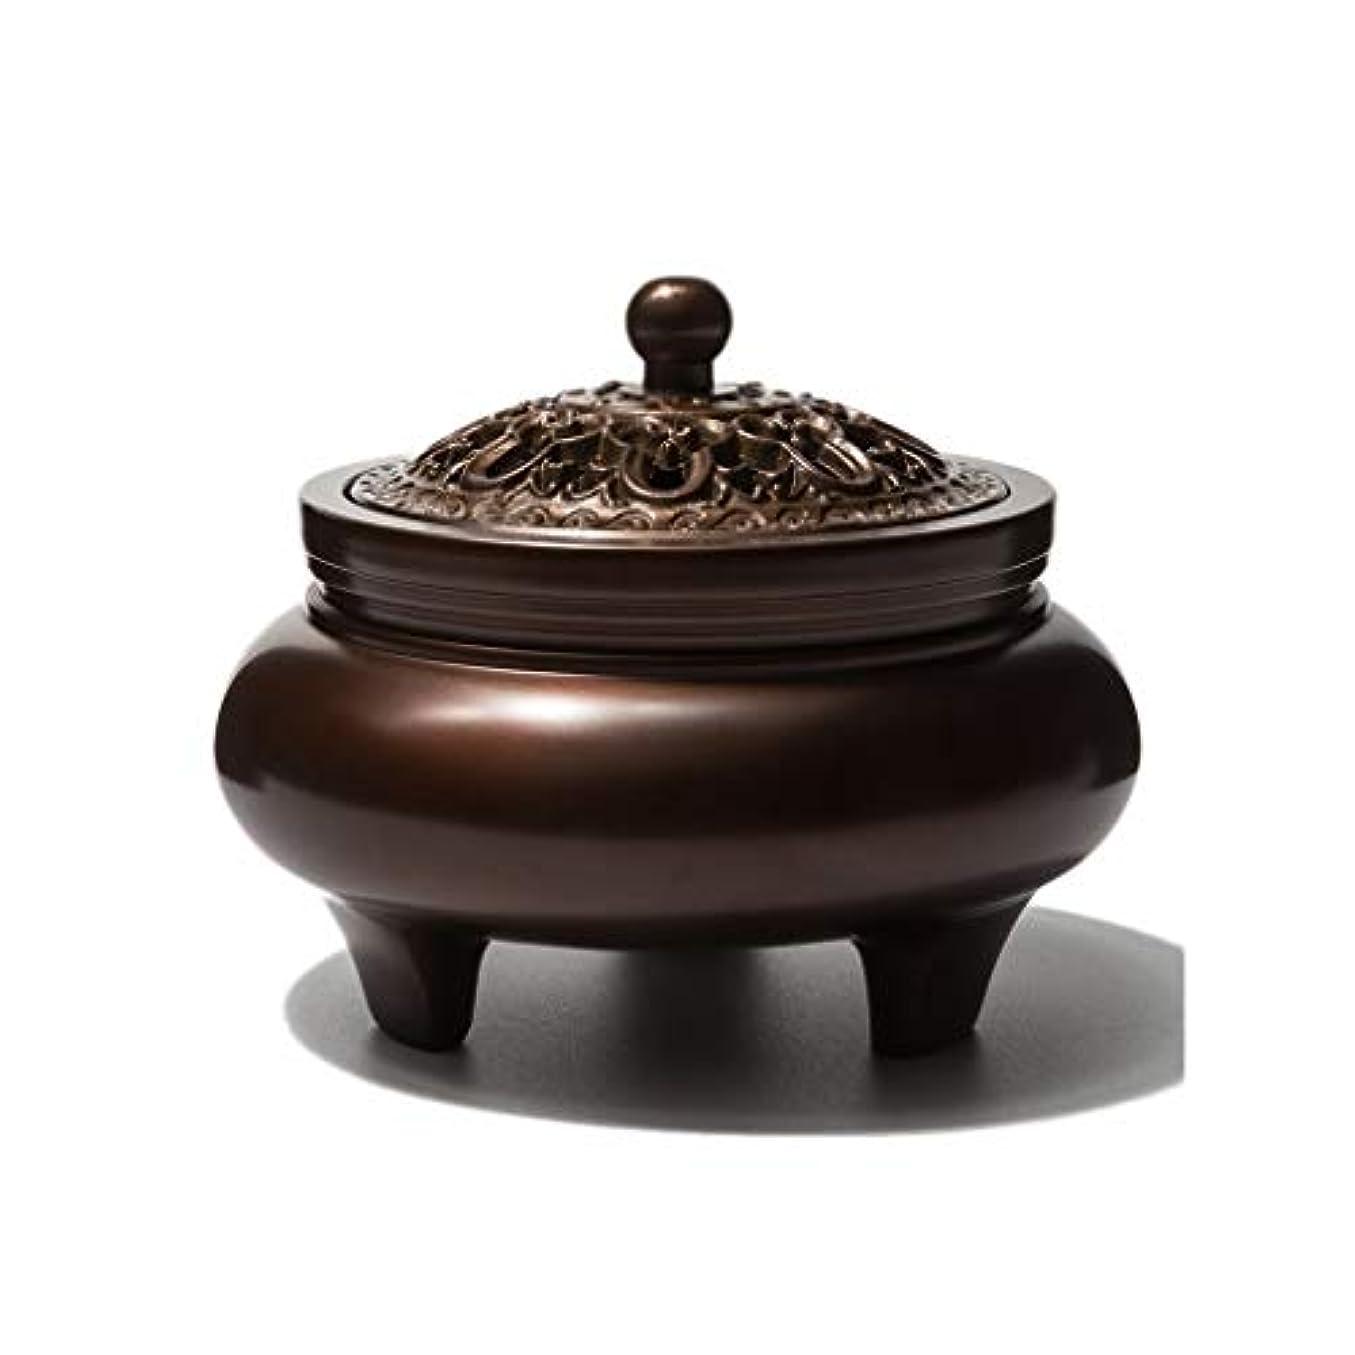 ウィスキー重要広告主ホームアロマバーナー 銅香バーナーアロマテラピーホルダー純粋な銅茶道白檀炉屋内香バーナーレトロノスタルジア11.5センチ* 7.8センチ* 9センチ アロマバーナー